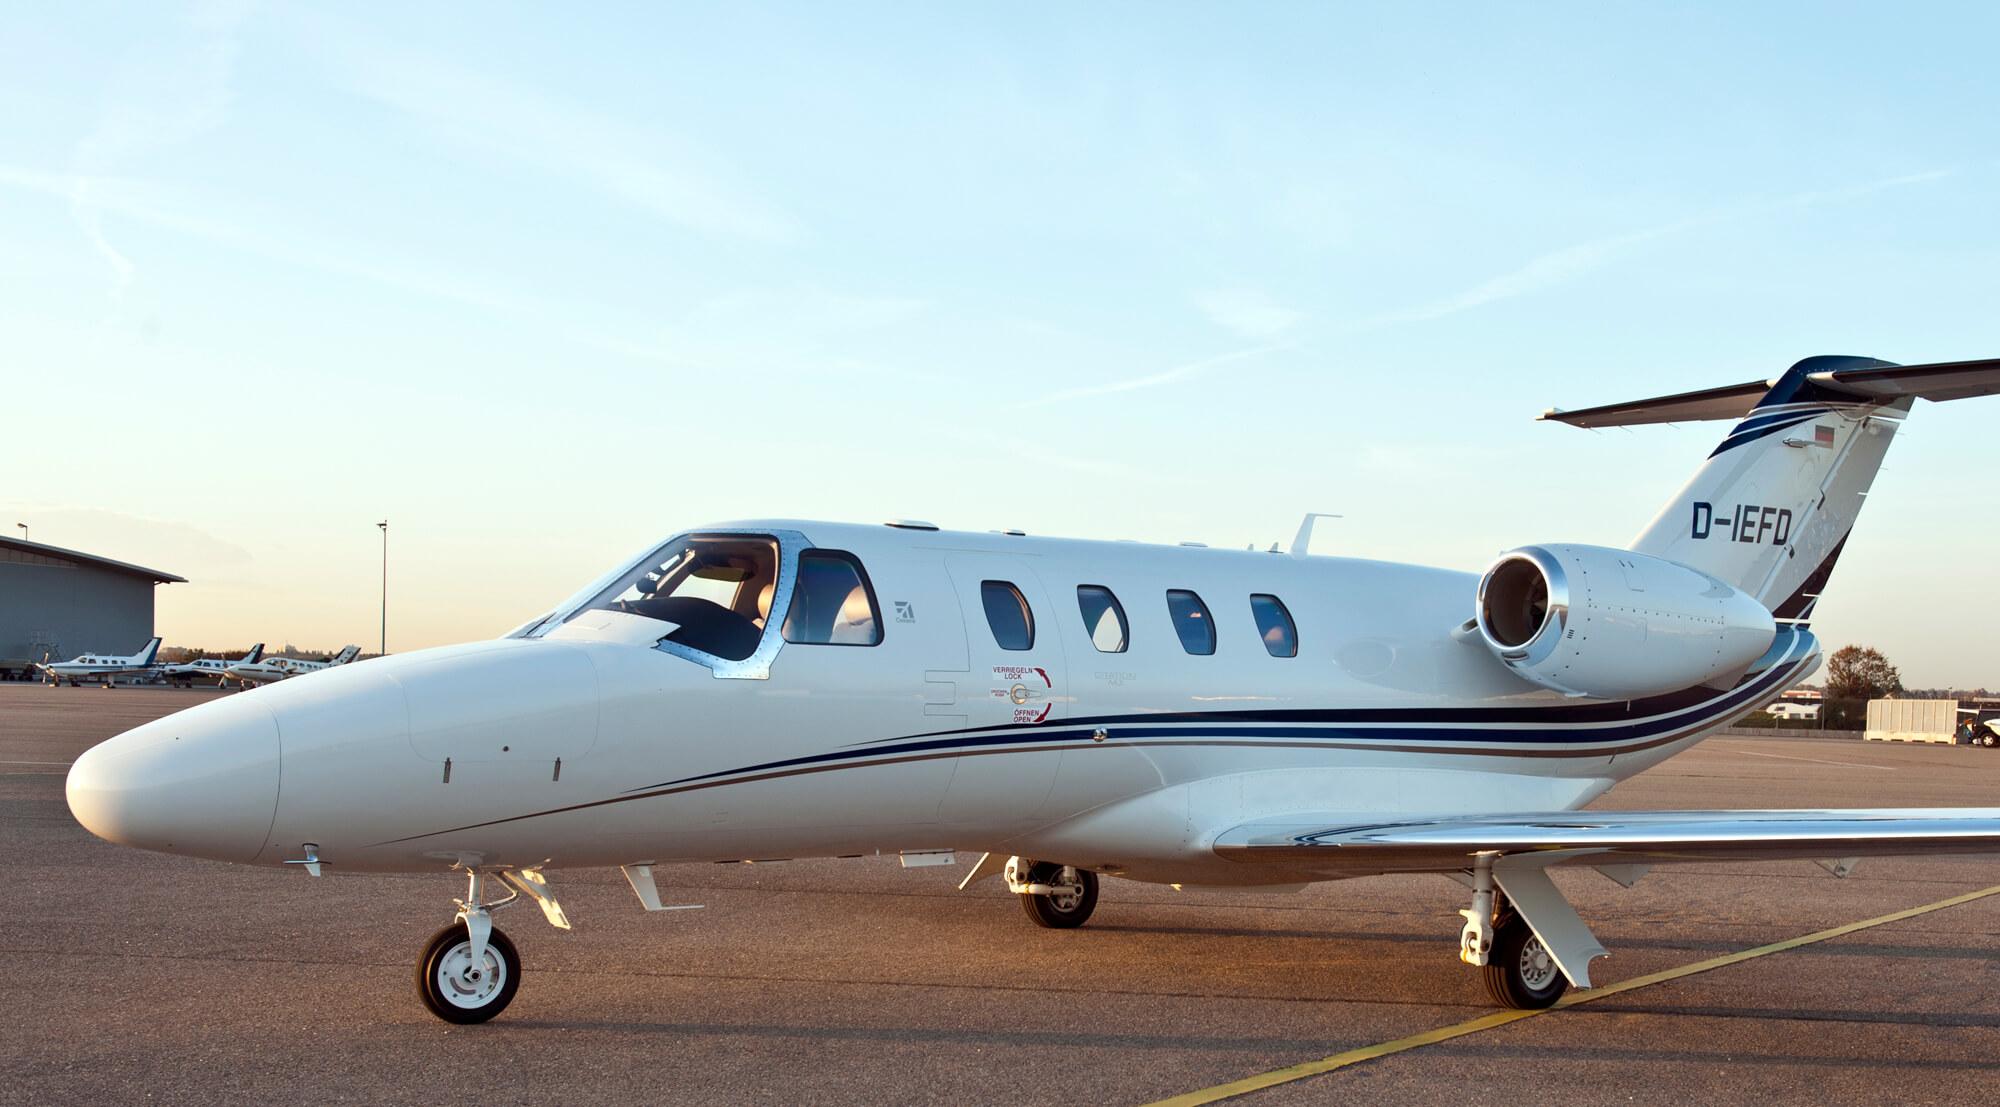 Cessna Citation M2 D-IEFD